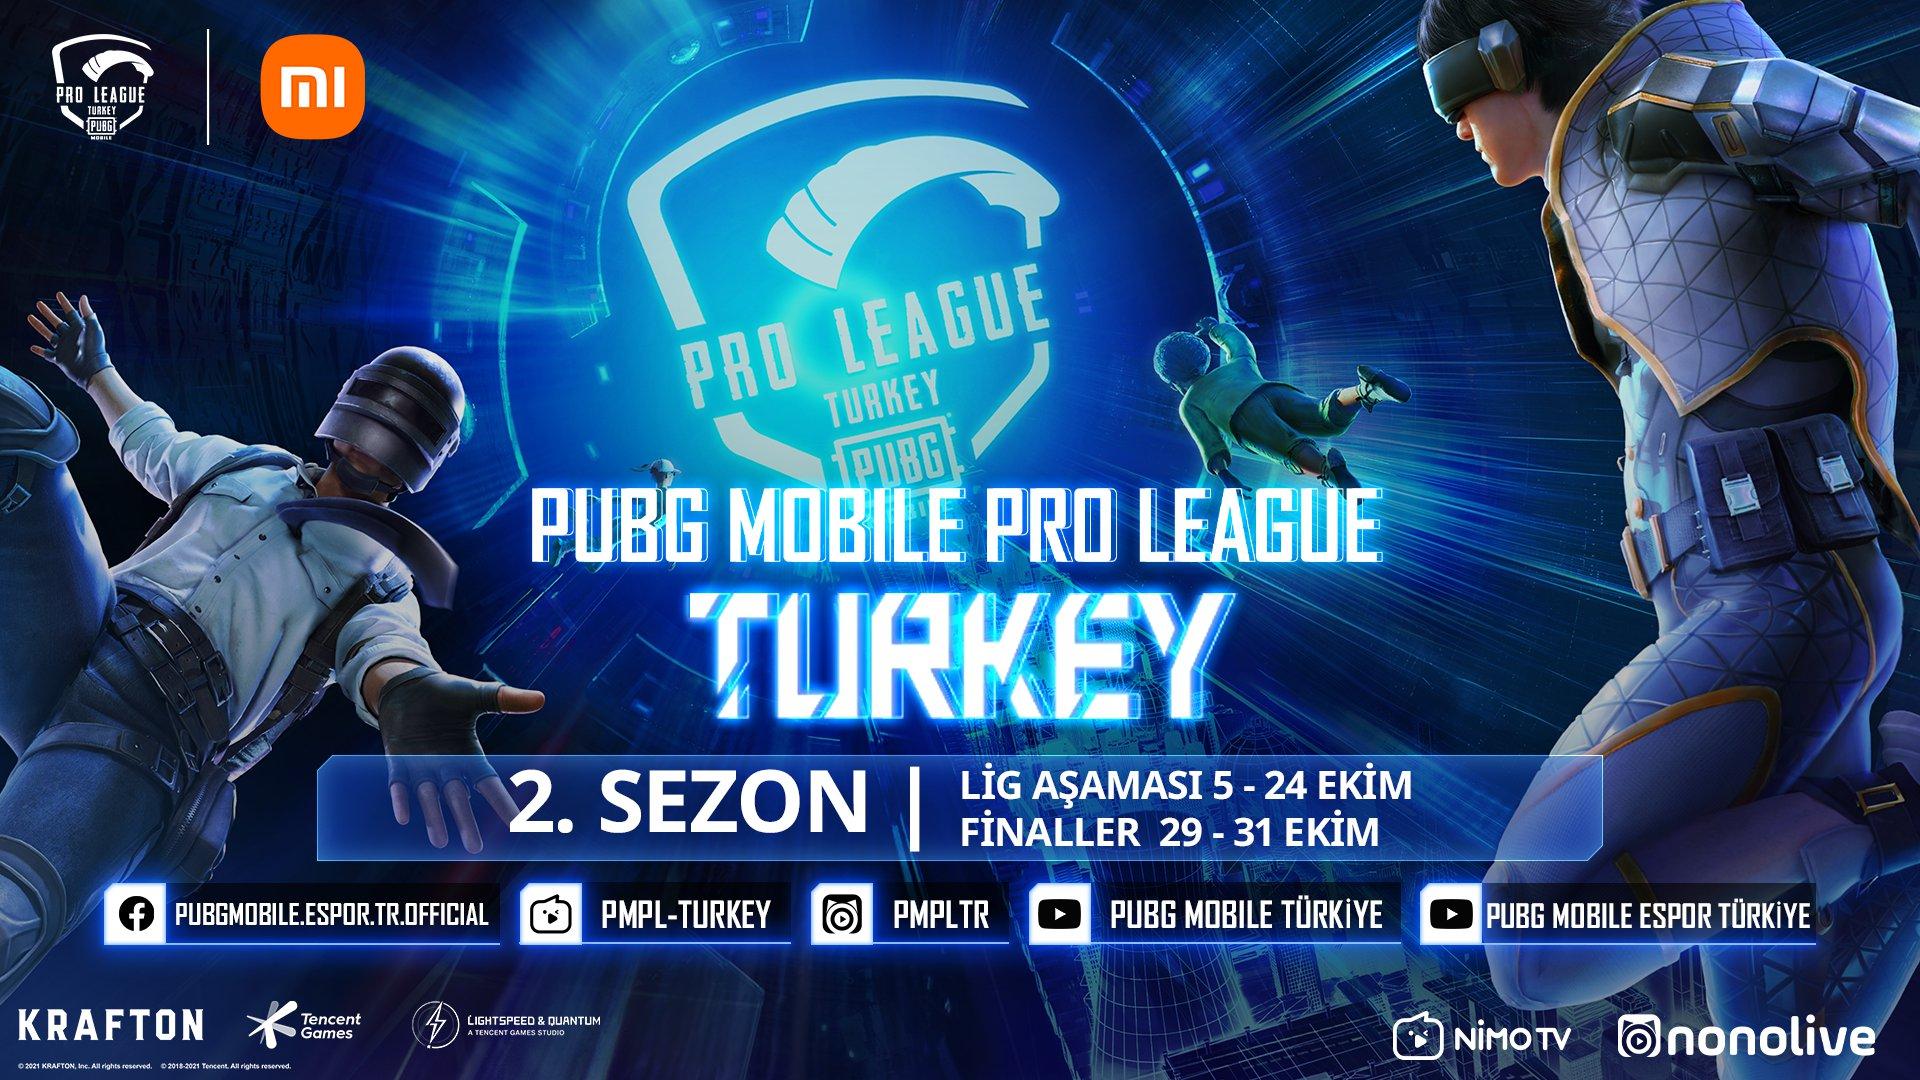 PUBG Mobile Pro League 2